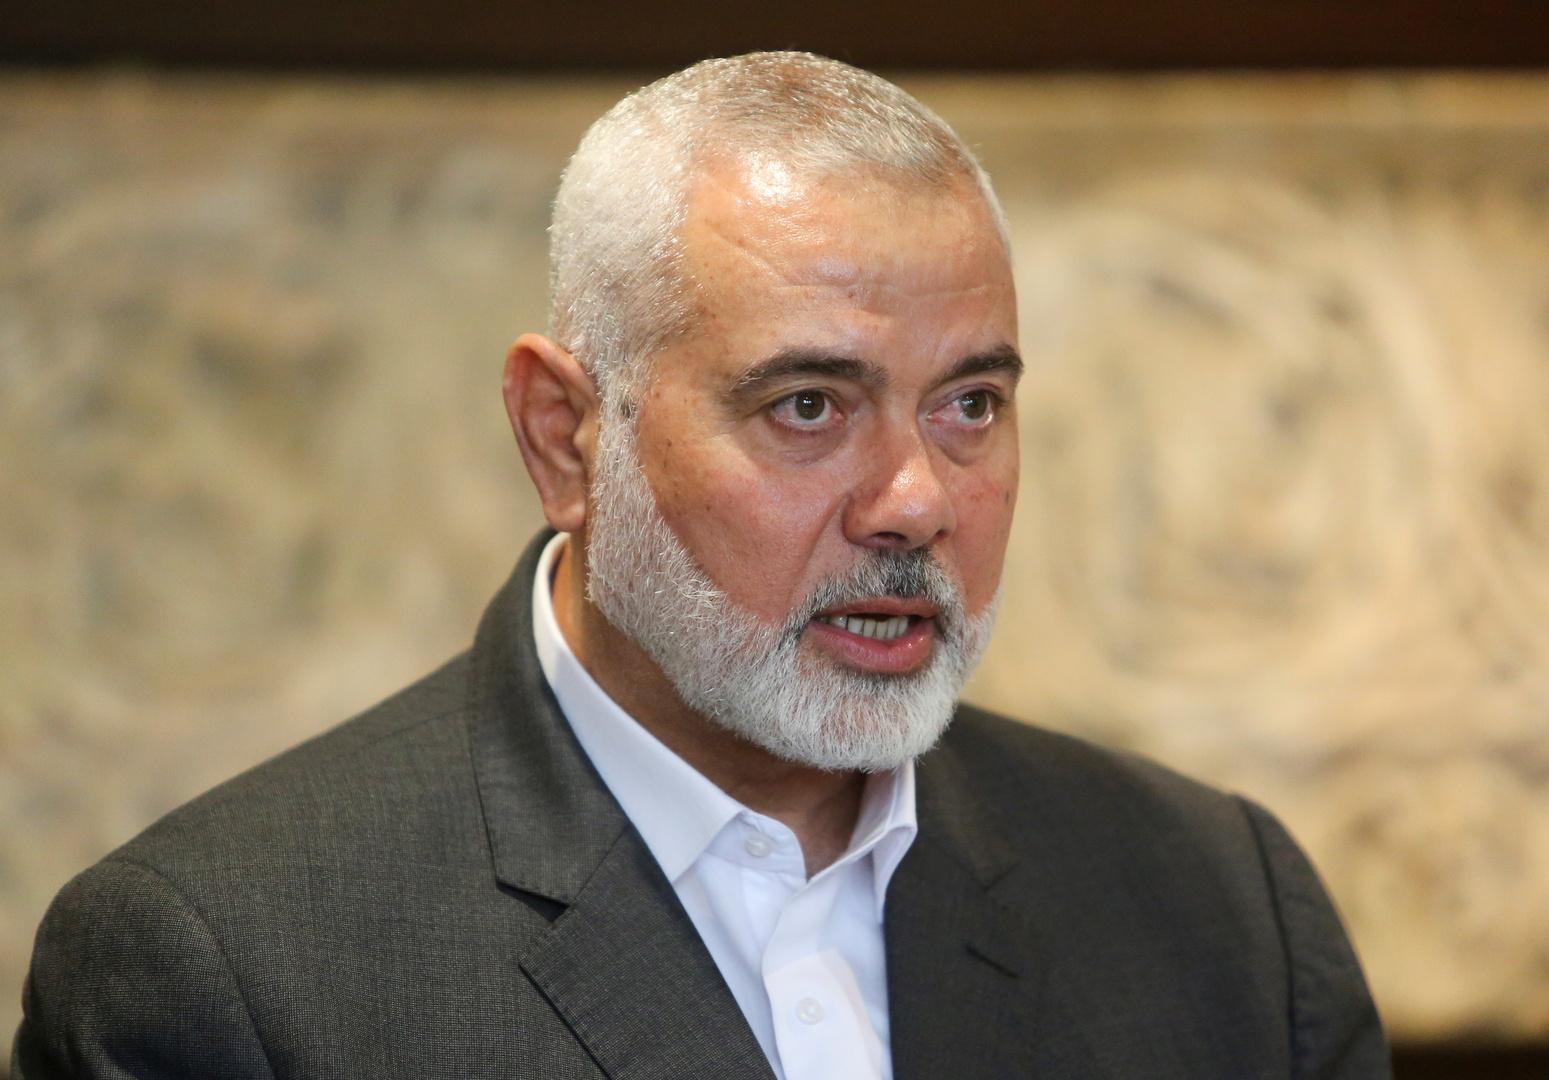 هنية يرحب بتحديد السعودية موعد النطق بالحكم على معتقلين فلسطينيين